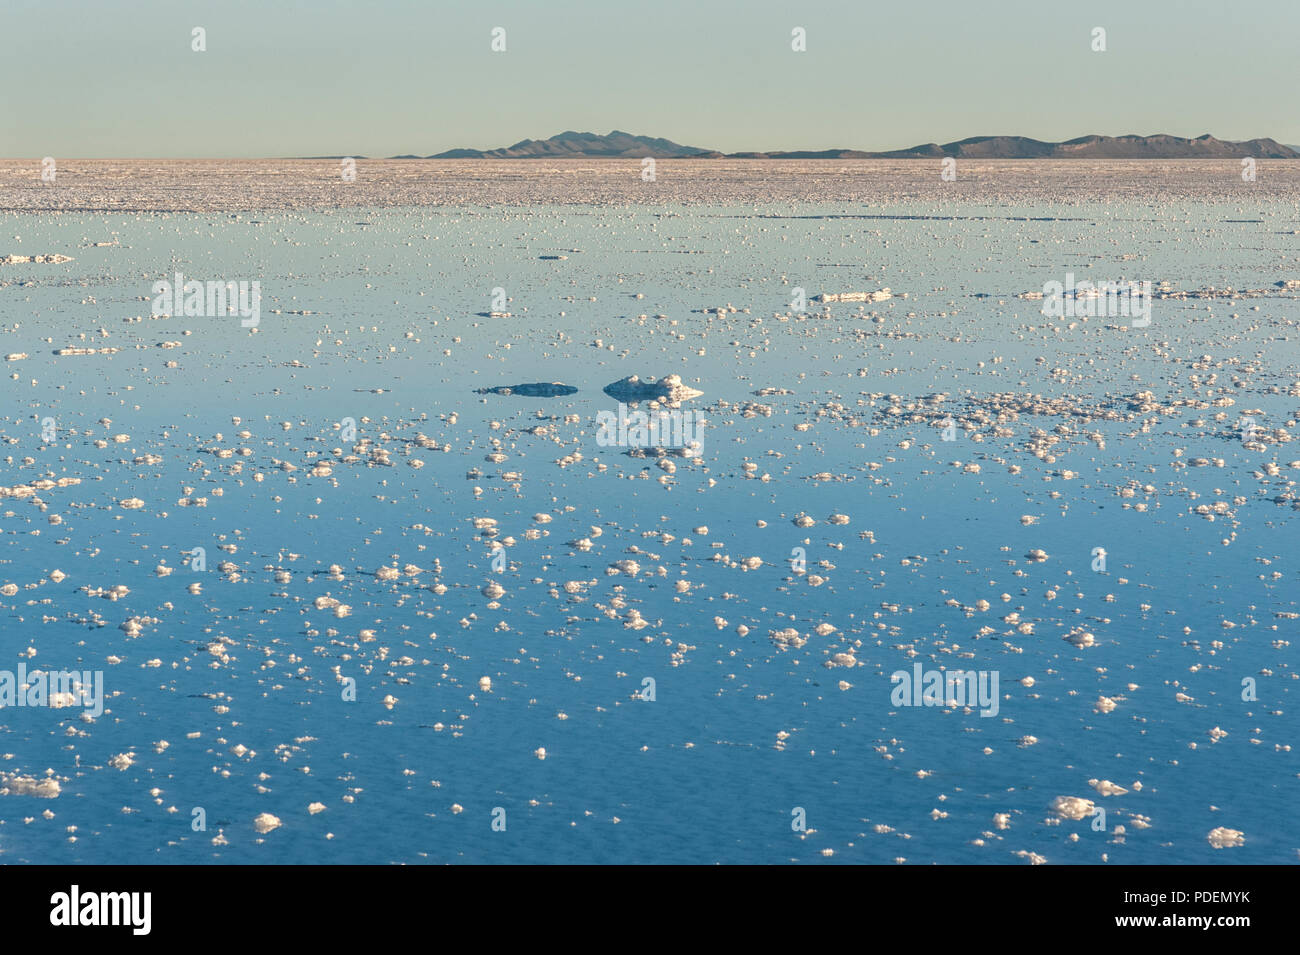 Coucher du soleil dans le Salar de Uyuni, près de Colchani. C'est le plus grand de sel dans le monde - Site du patrimoine mondial de l'Altiplano, Bolivie Photo Stock